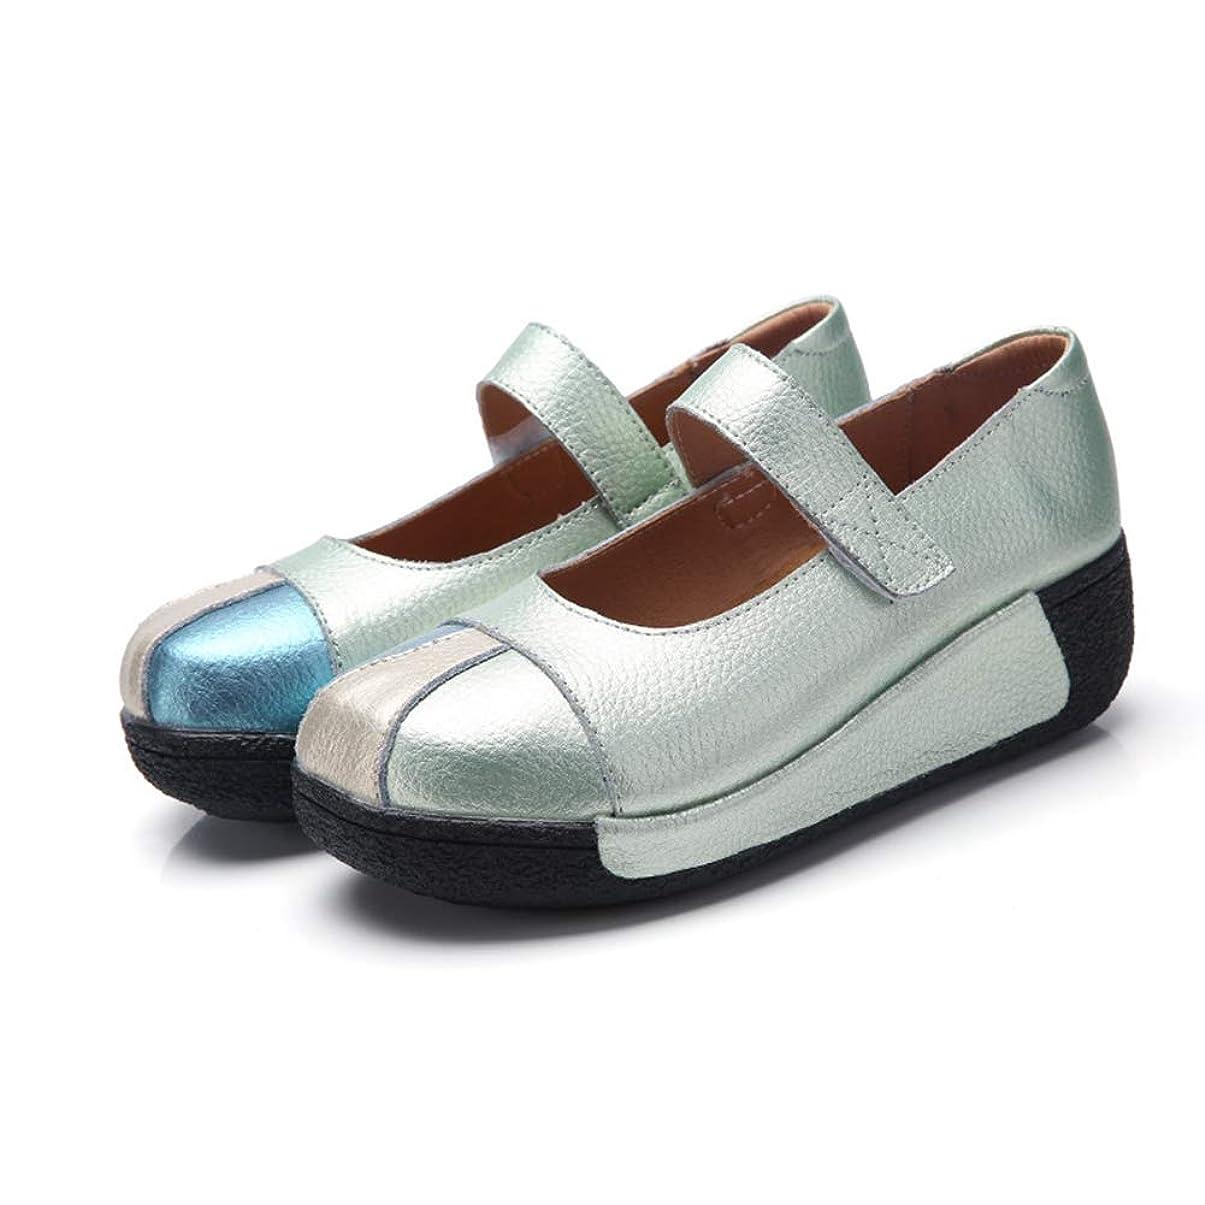 子豚キャラクターナインへ厚底靴 ラウンドトゥ 25.5CM レディース ぺたんこ スニーカー マジックテープ 船型底 カラーマッチング フラット感 姿勢矯正 履きやすい 婦人靴 痛くない 柔らかい 白 赤 緑 ブルー